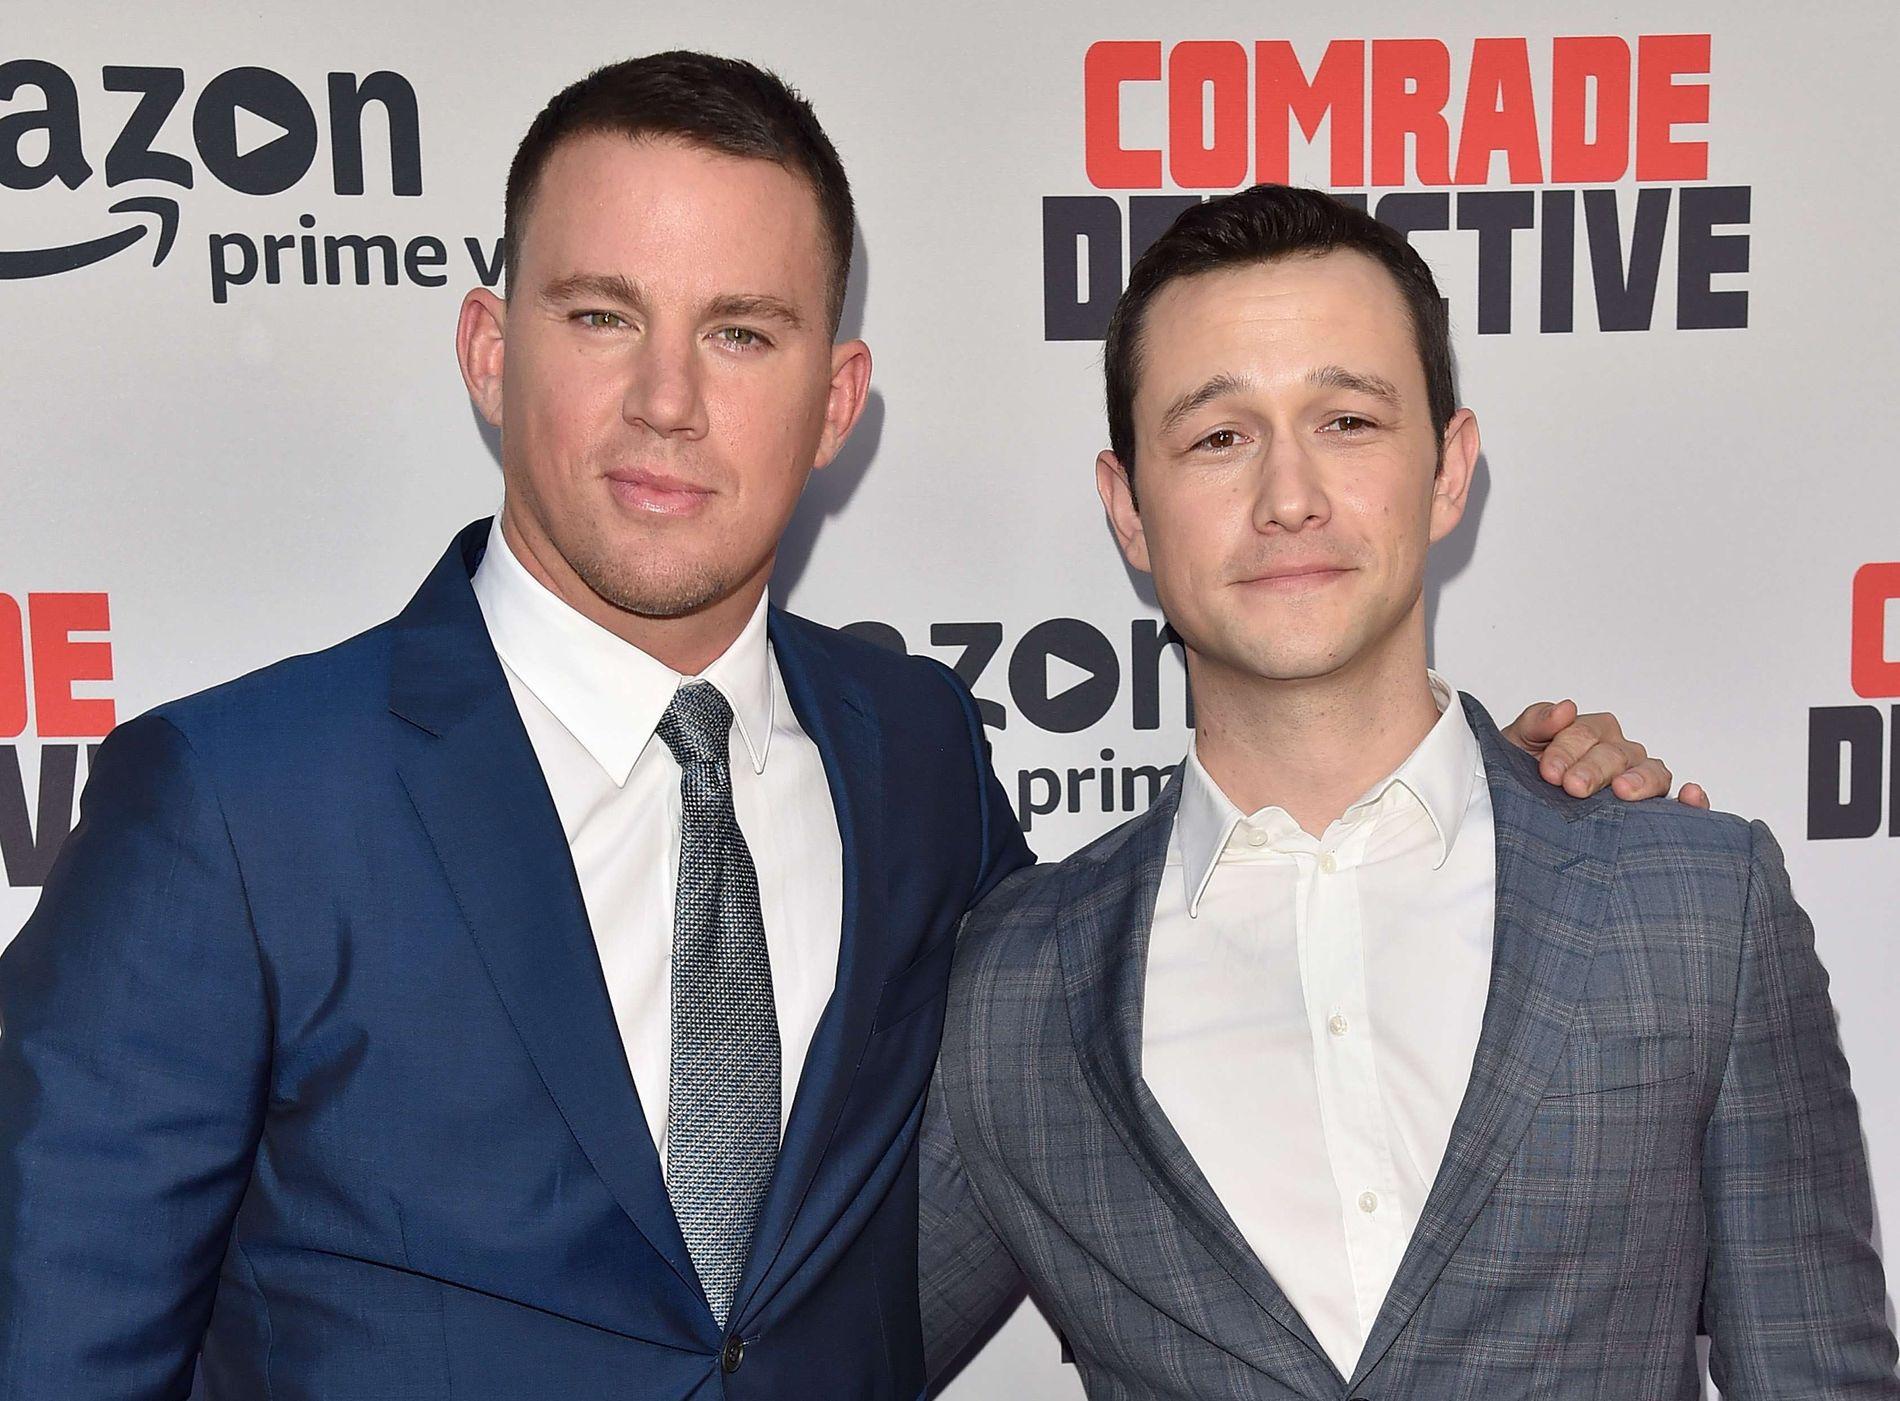 SATIRESTEMMER: Channing Tatum og Joseph Gordon Levitt på premieren av «Comrade Detective» i Hollywood 3. august. FOTO: Alberto E. Rodriguez/Getty Images/AFP